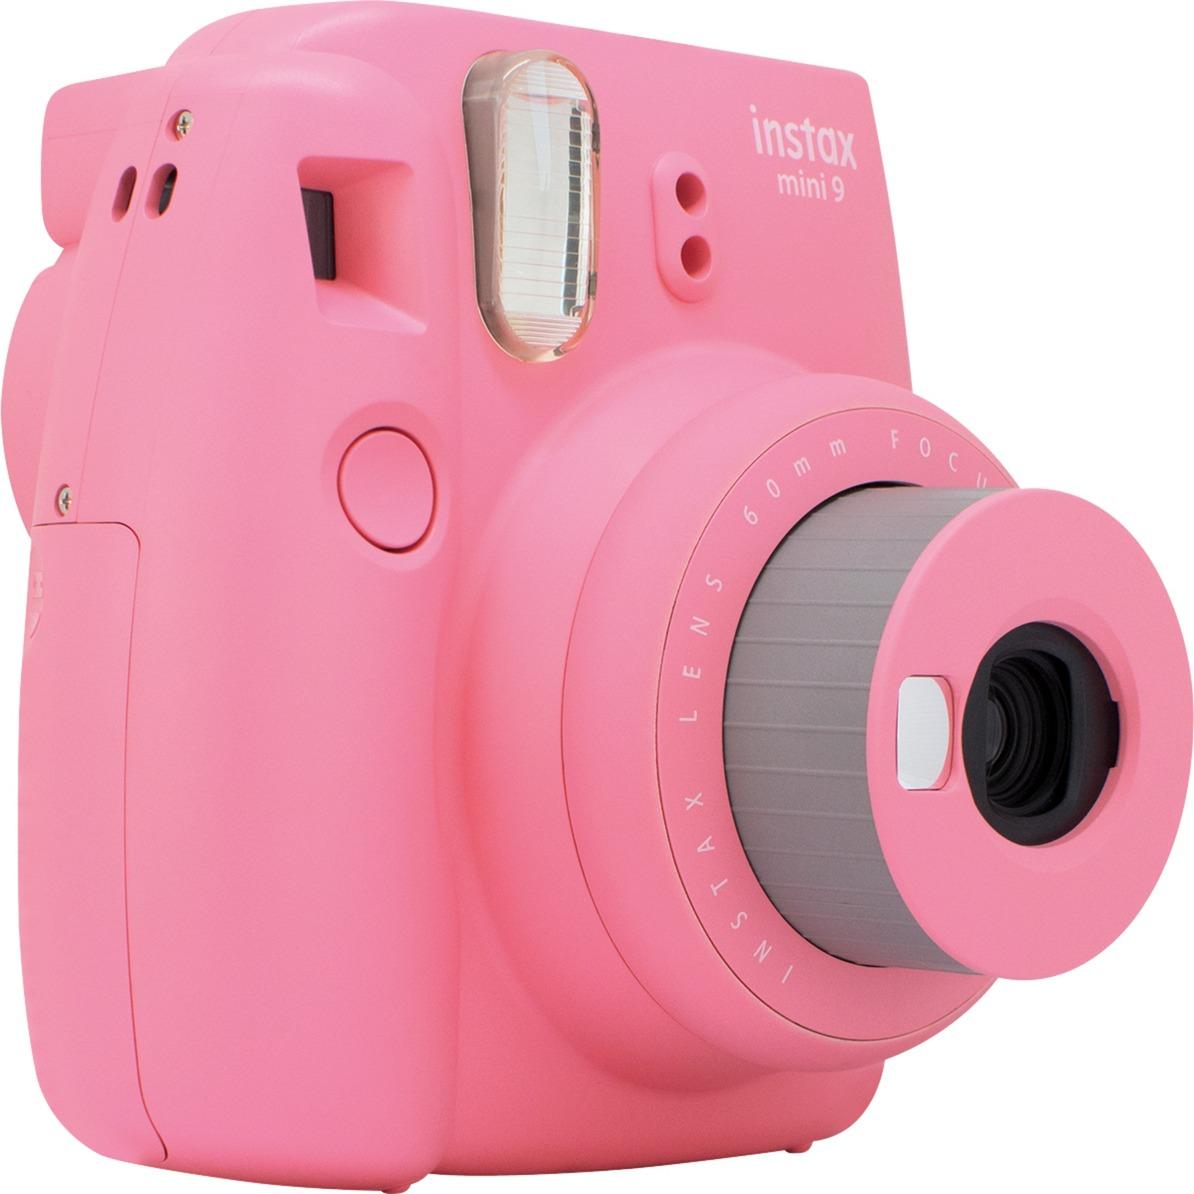 Instax Mini 9 62 x 46mm Rosa cámara instantánea impresión